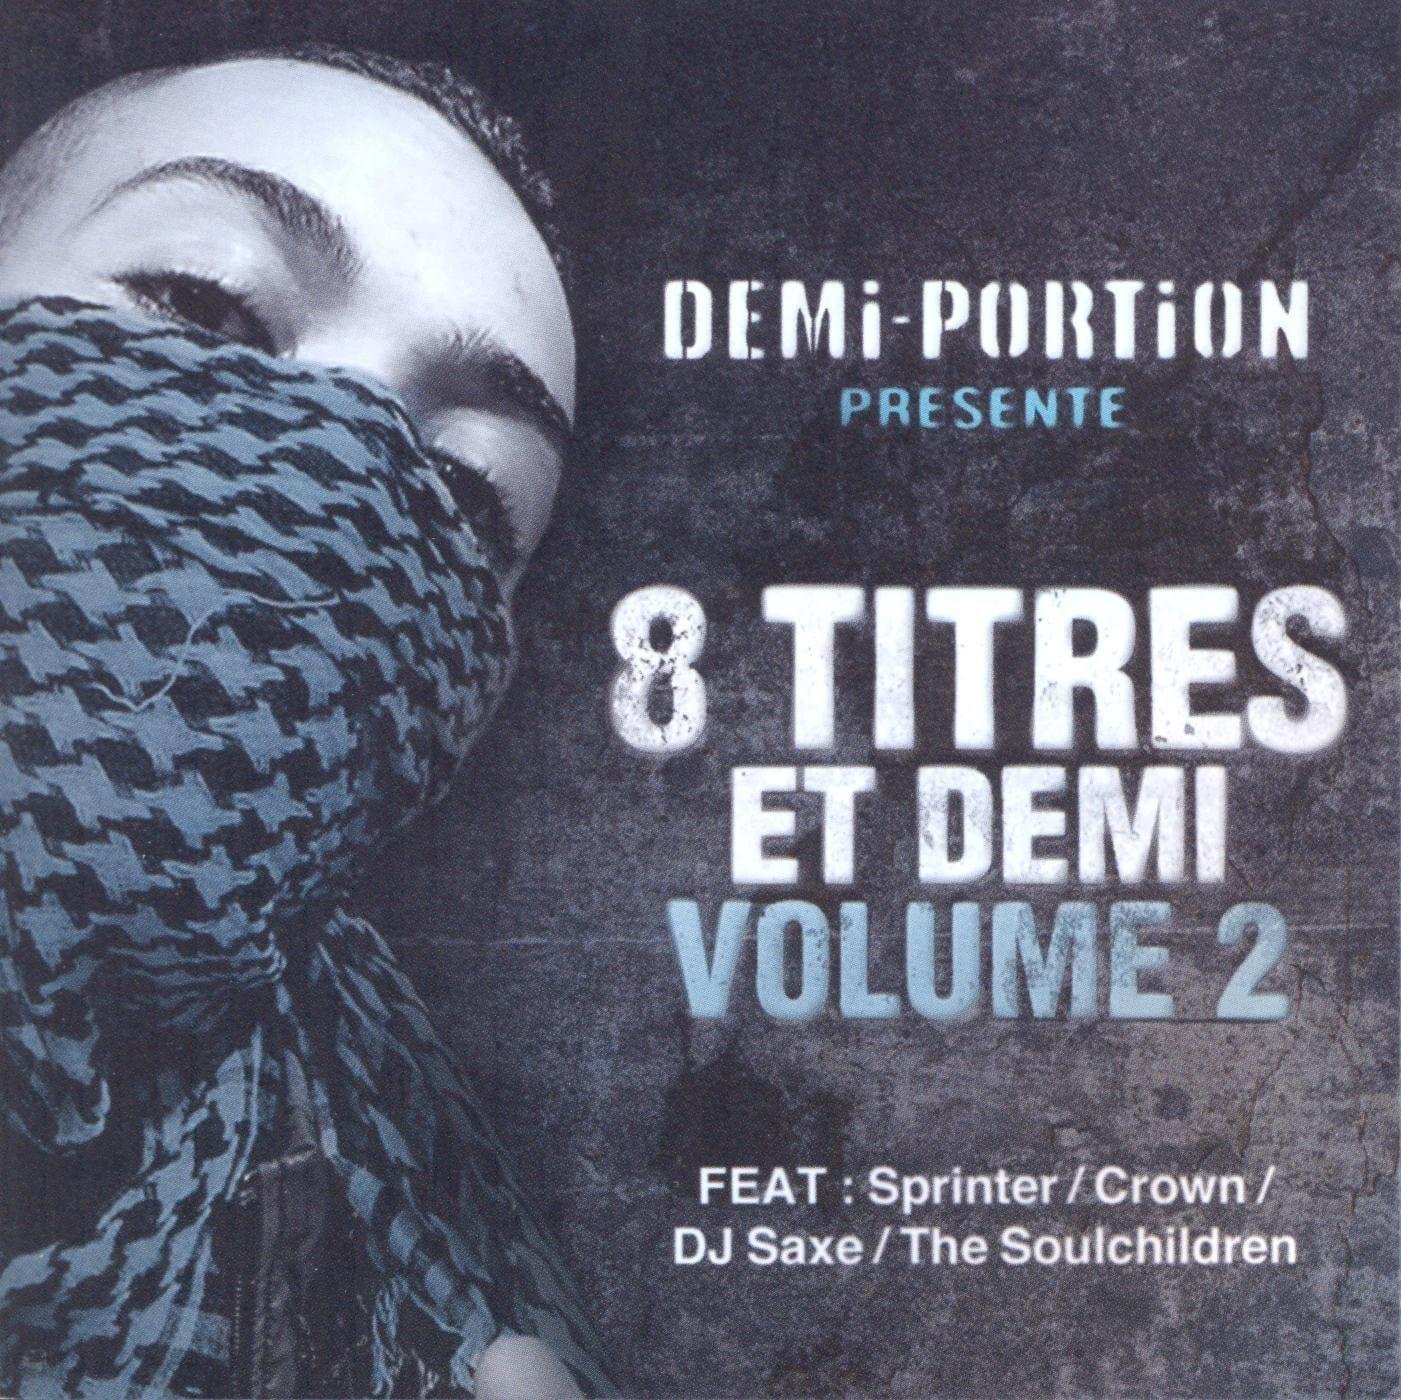 Demi Portion: 8 Titres et Demi Vol 2